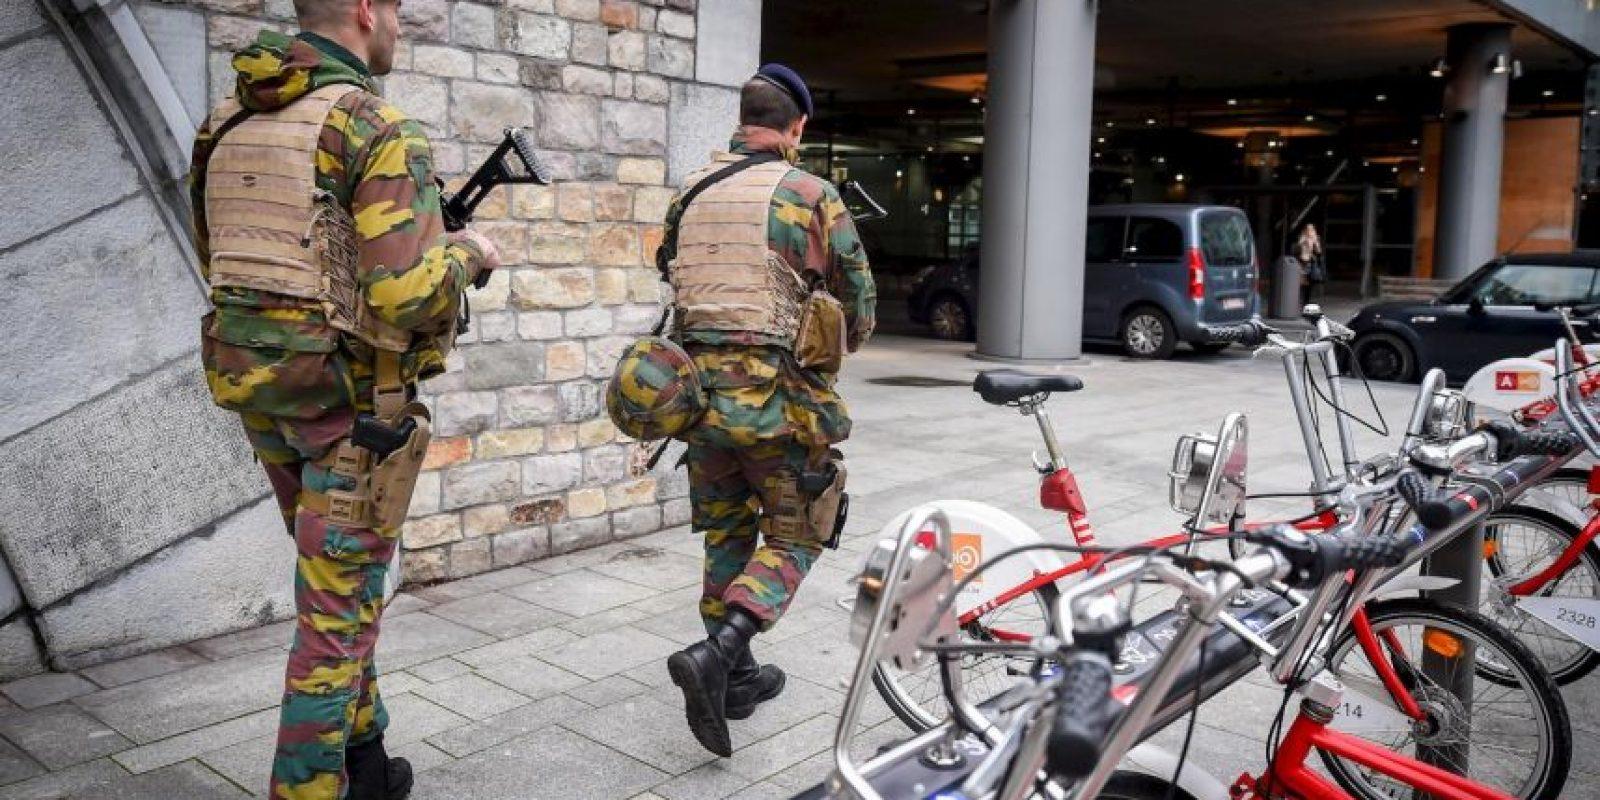 Se cree que la residencia fue utilizada como fábrica de bombas y escondite. Foto:AFP